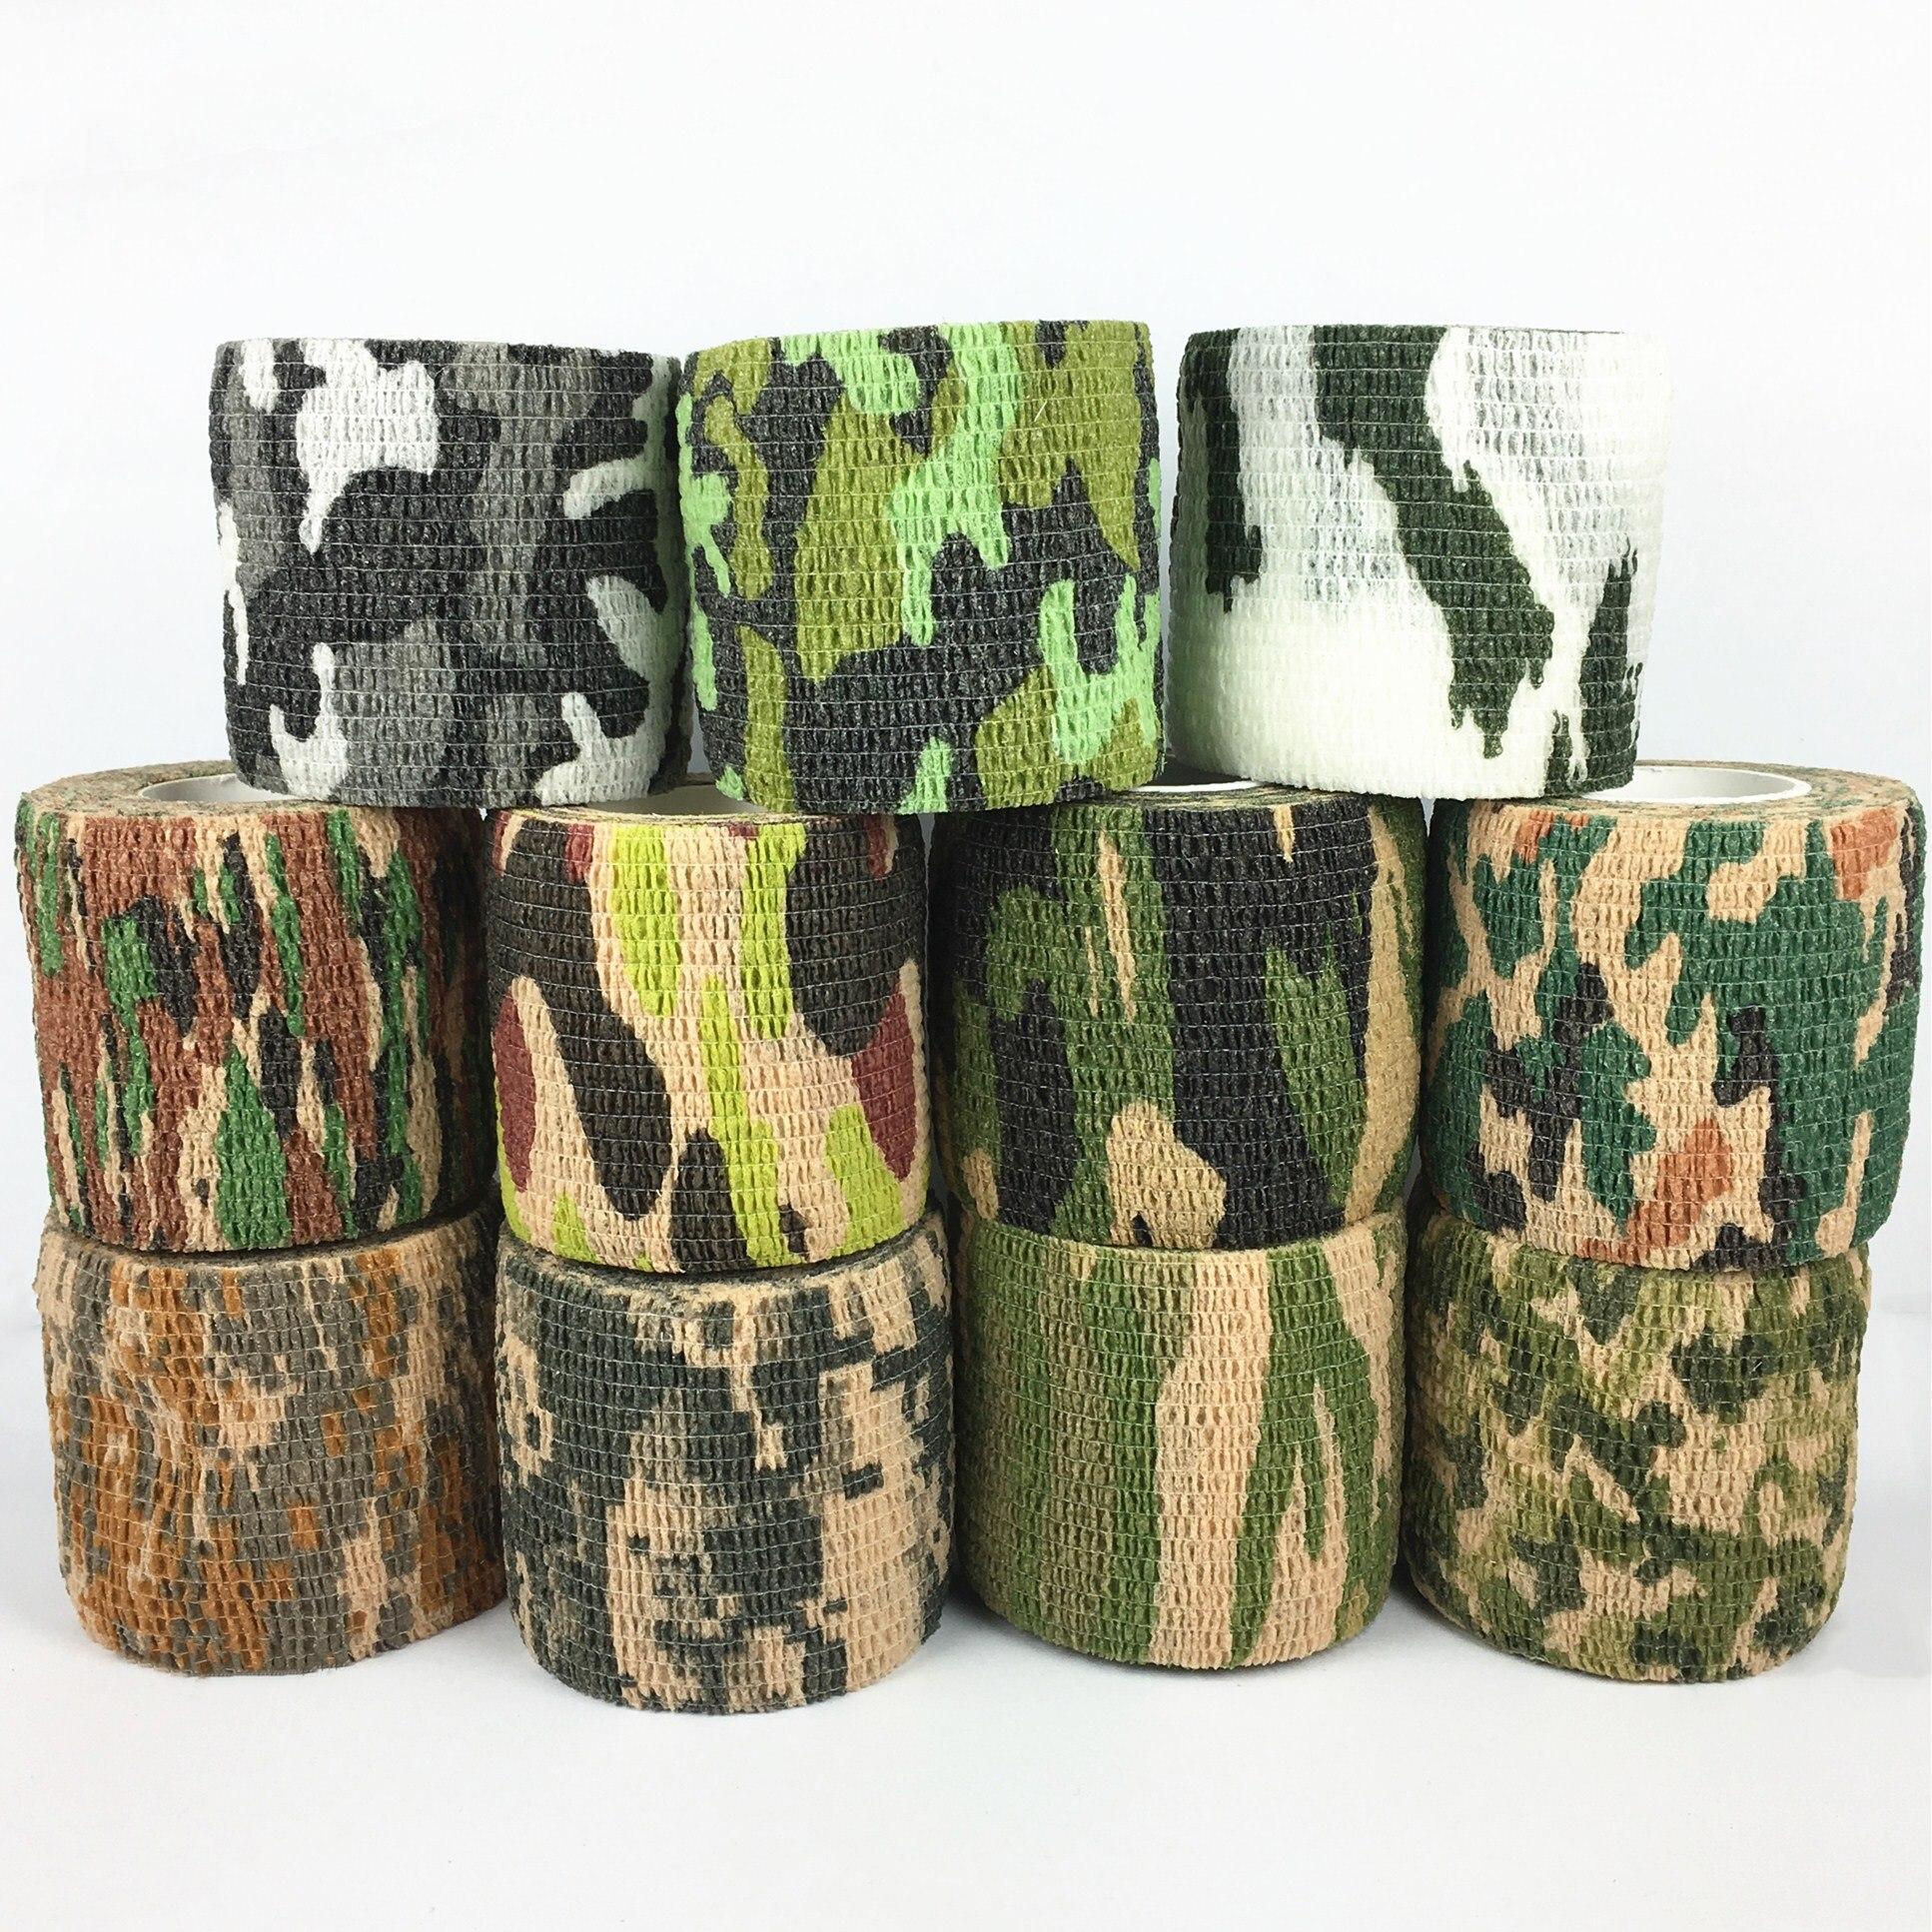 11 Warna Tentara Kamuflase Luar Ruangan Berburu Shooting Buta Bungkus Kamuflase Stealth Tape Tahan Air Wrap Tahan Lama 5 Cm X 4.5 M